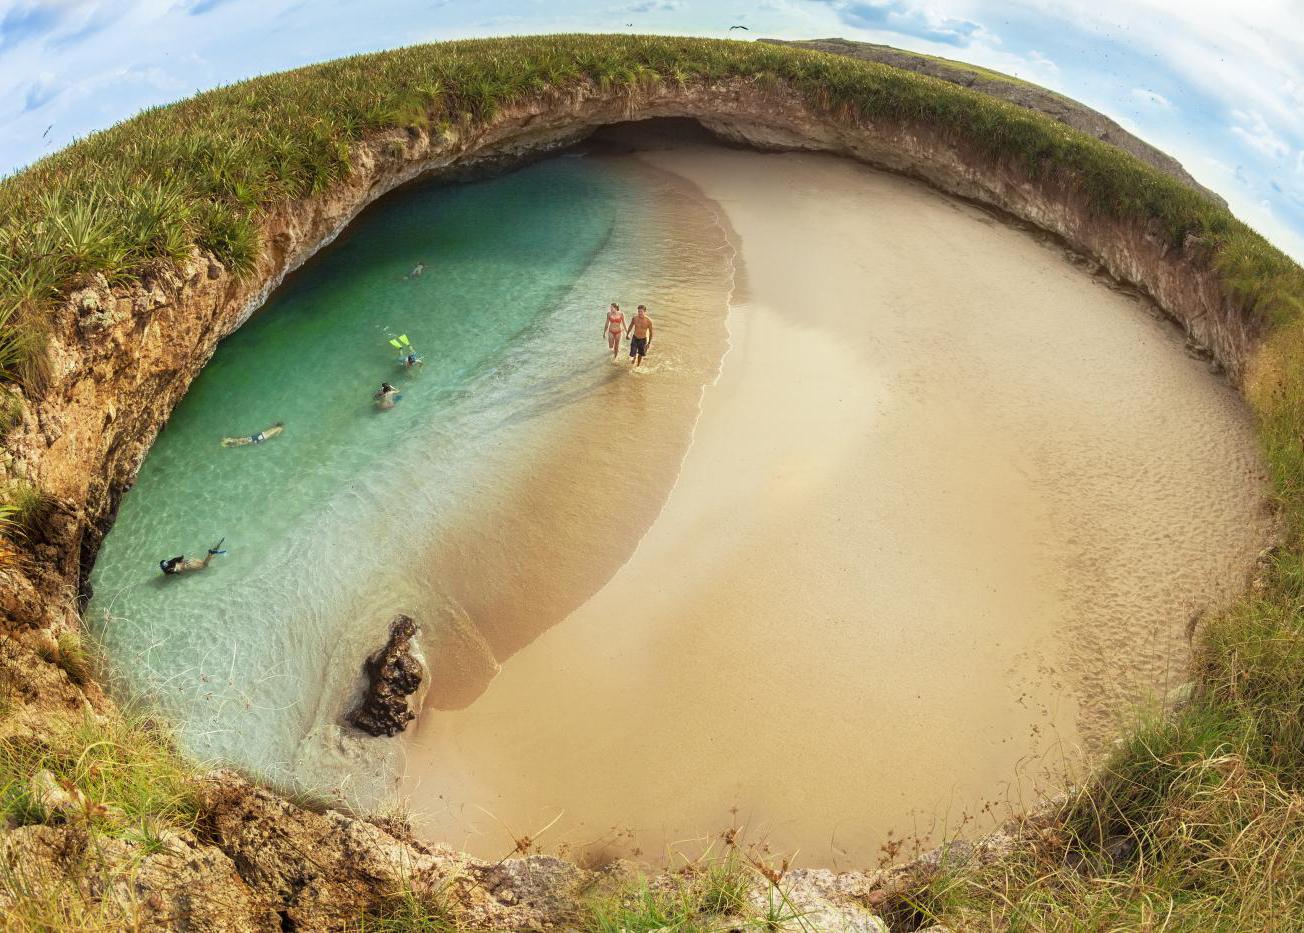 playa escondida mexico